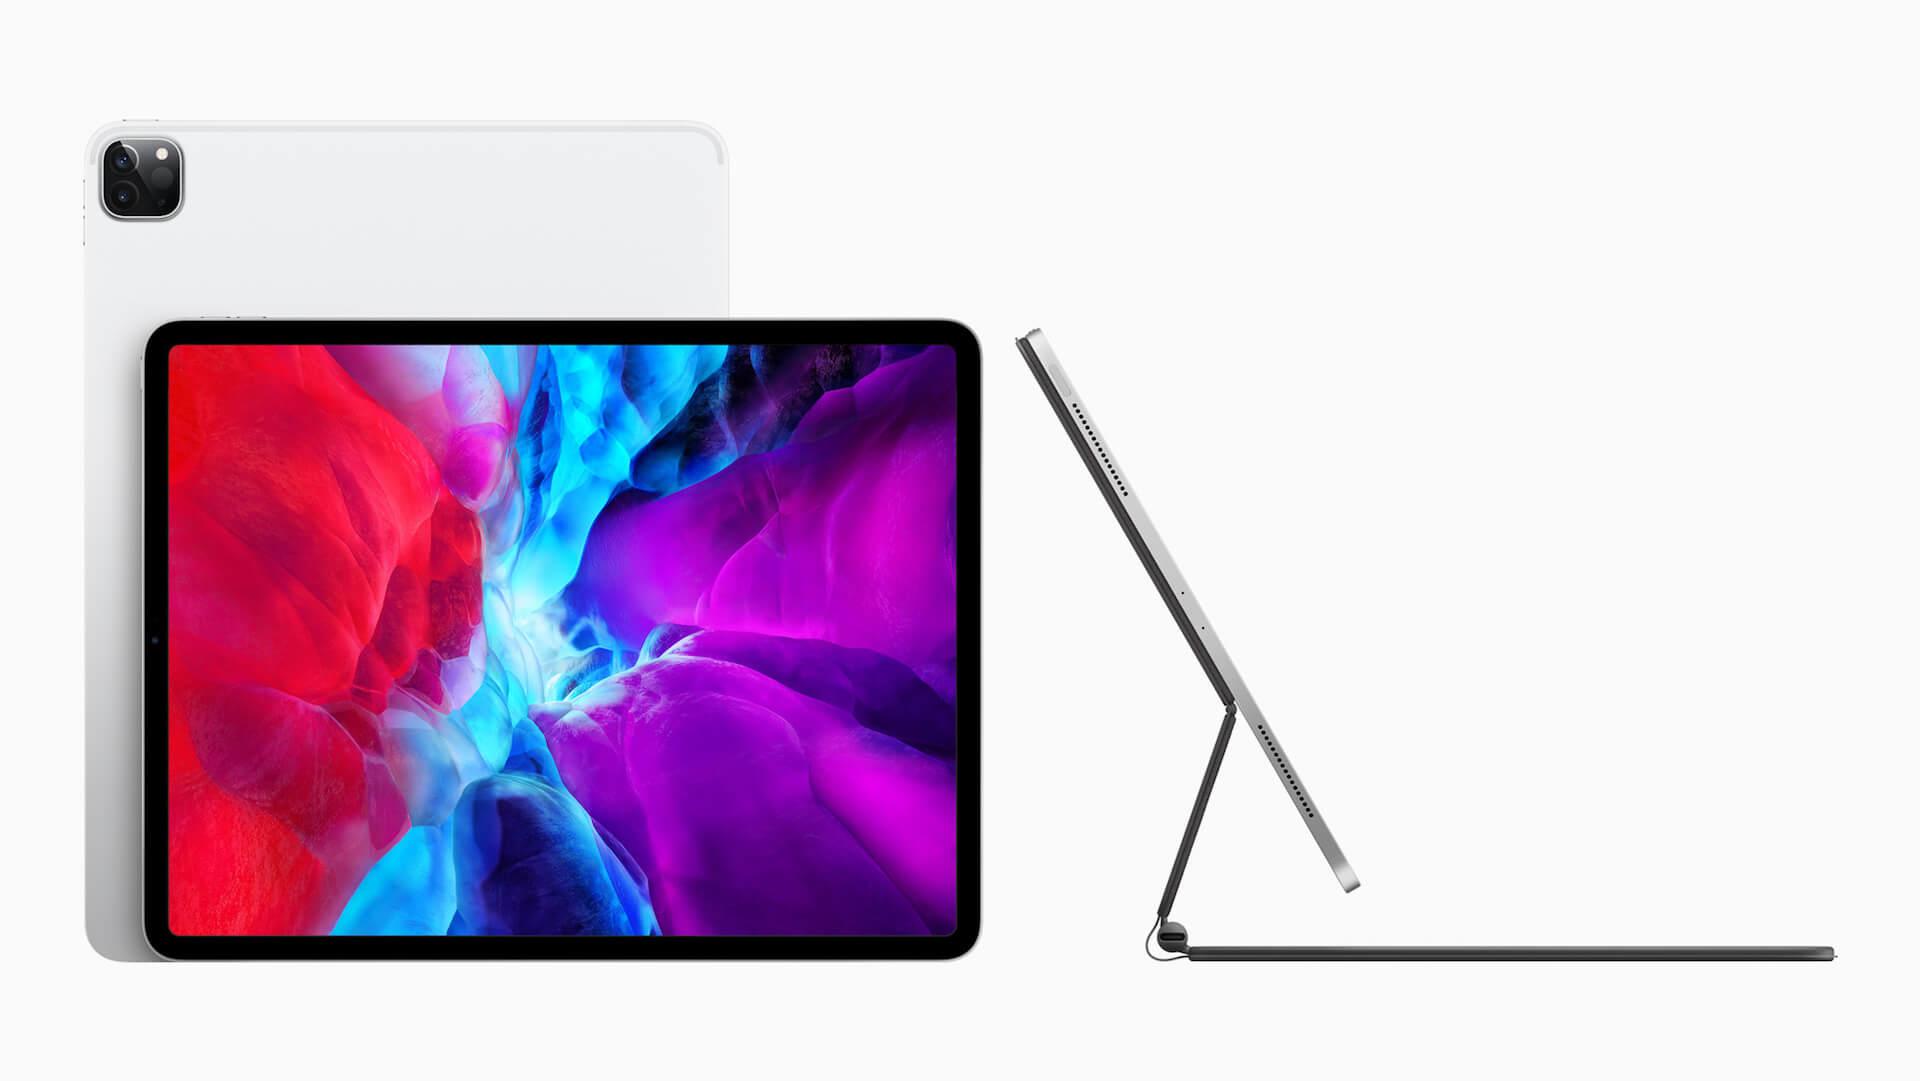 ミニLEDを搭載した12.9インチの新型iPad Proが2020年中に発売か?試験生産段階に突入か tech200623_ipadpro_1